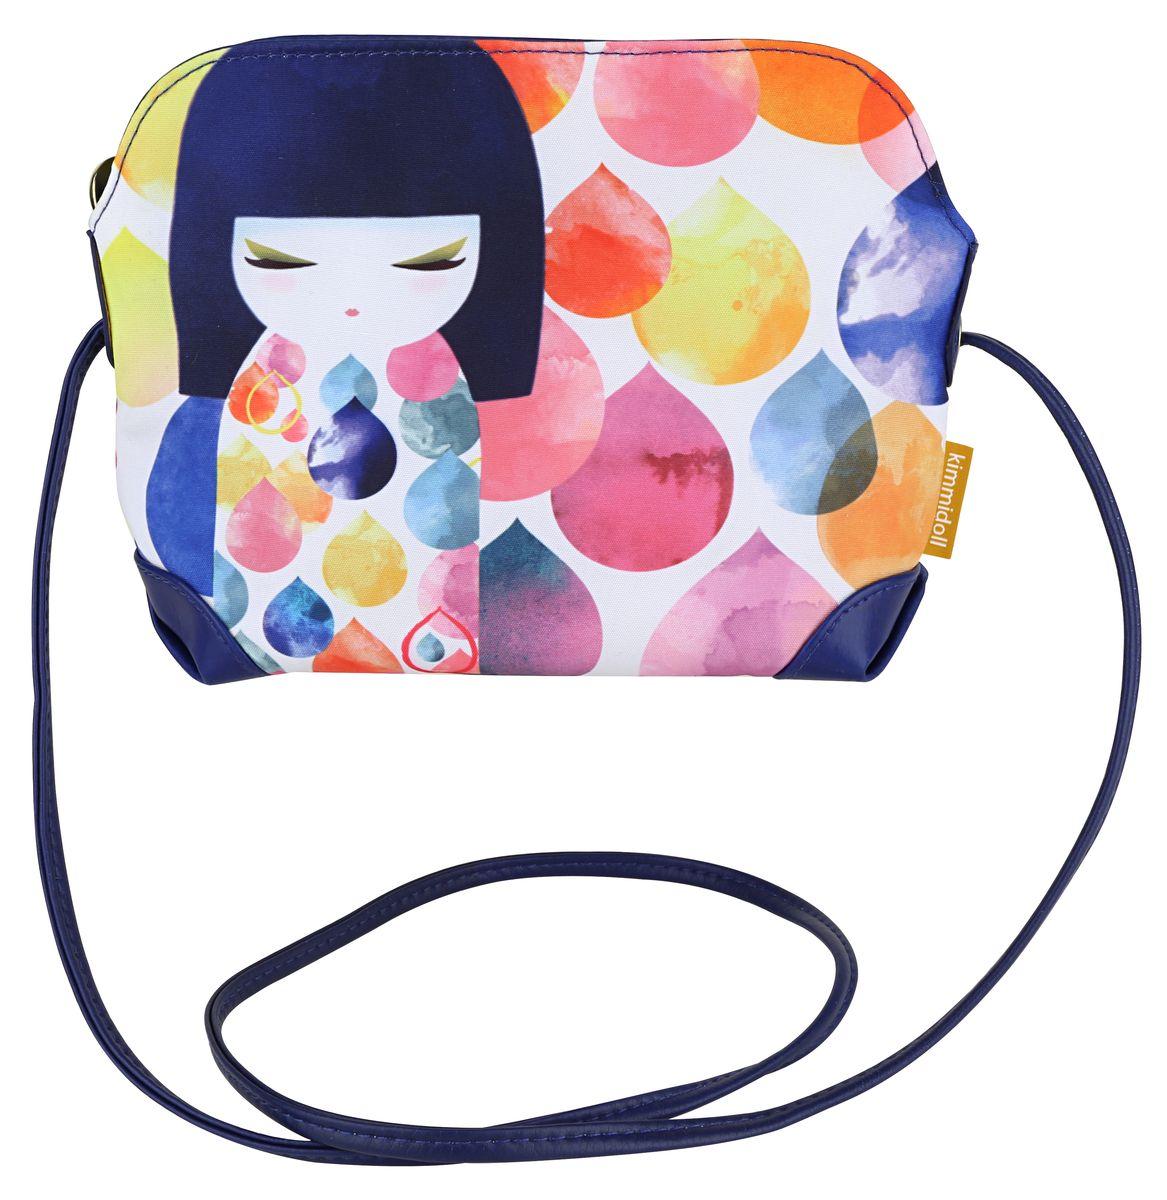 Сумочка Kimmidoll Михоко (Творчество). KF0999KF0999Очаровательная сумочка на плечо Kimmidoll Михоко (Творчество), выполненная из текстиля в традиционном японском стиле, придется по душе всем ценителям стильных вещиц. Лицевая сторона изделия оформлена изображением Михоко и цветных капель и содержит одно отделение, закрывающееся на застежку-молнию. Бегунок оформлен металлической пластиной с гравировкой Kimmidoll Collection. Сумка оснащена длинным ремешком, позволяющим ее носить как на плече, так и через плечо. Стильная сумочка пригодится вам и в путешествии, и на пикнике, и в повседневном использовании. Привет, меня зовут Михоко!Я талисман творчества. Мой дух вдохновляет и указывает путь. Давая разуму безграничную свободу исследовать и познавать, вы раскрываете бесконечную силу моего духа. Пусть ваша фантазия всегда вдохновляет вас на новые взгляды, новые поступки и отношение к жизни.